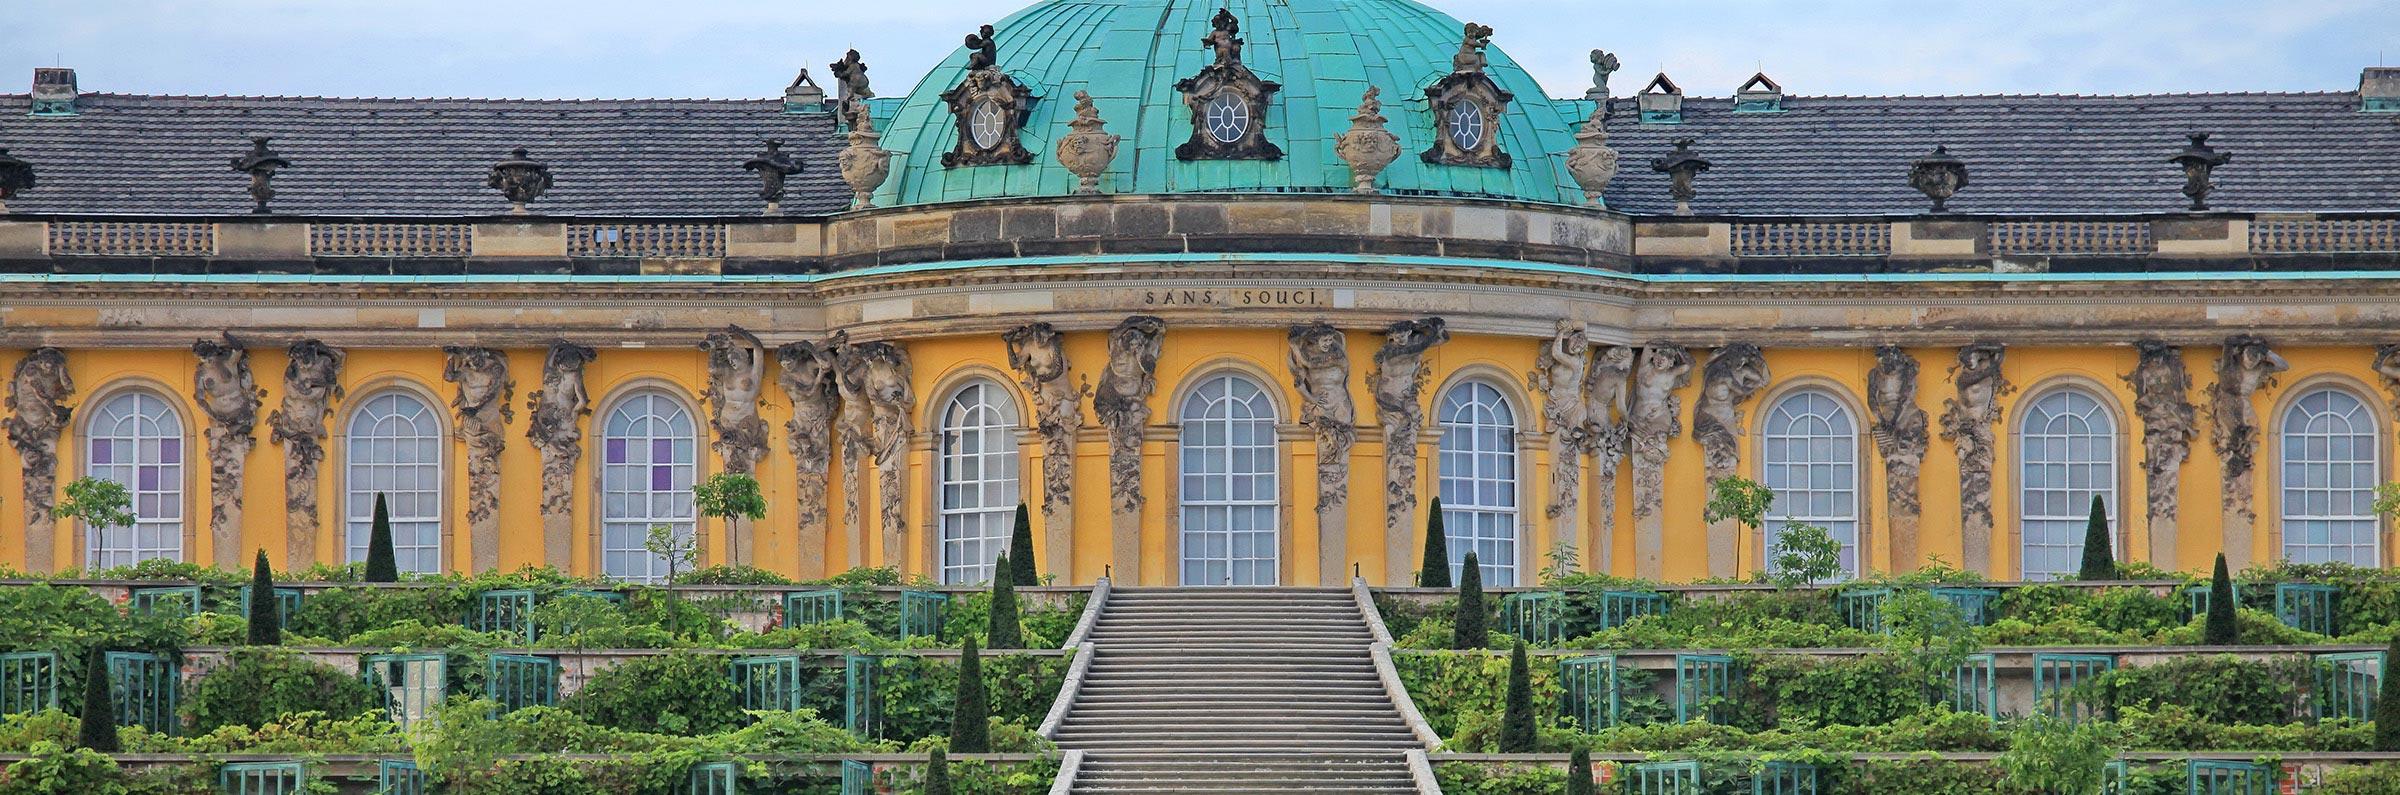 Gita di un giorno in Berlino